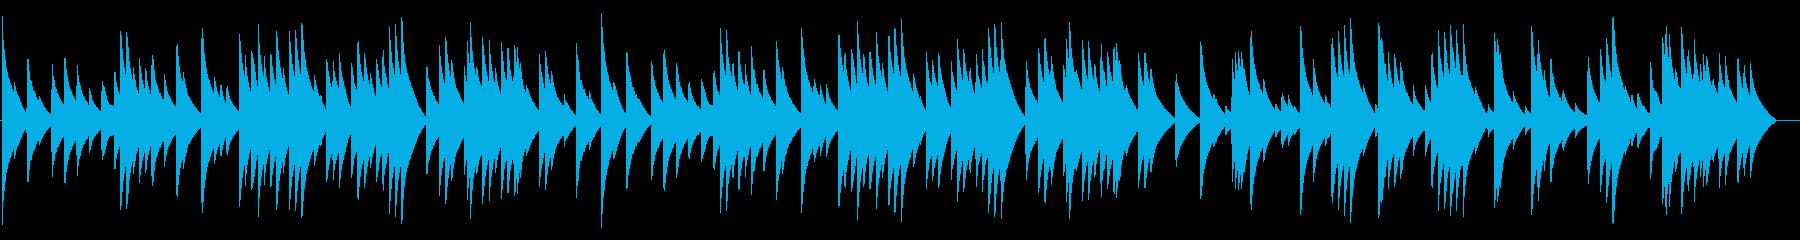 電話 保留音01-3(G線上のアリア)の再生済みの波形